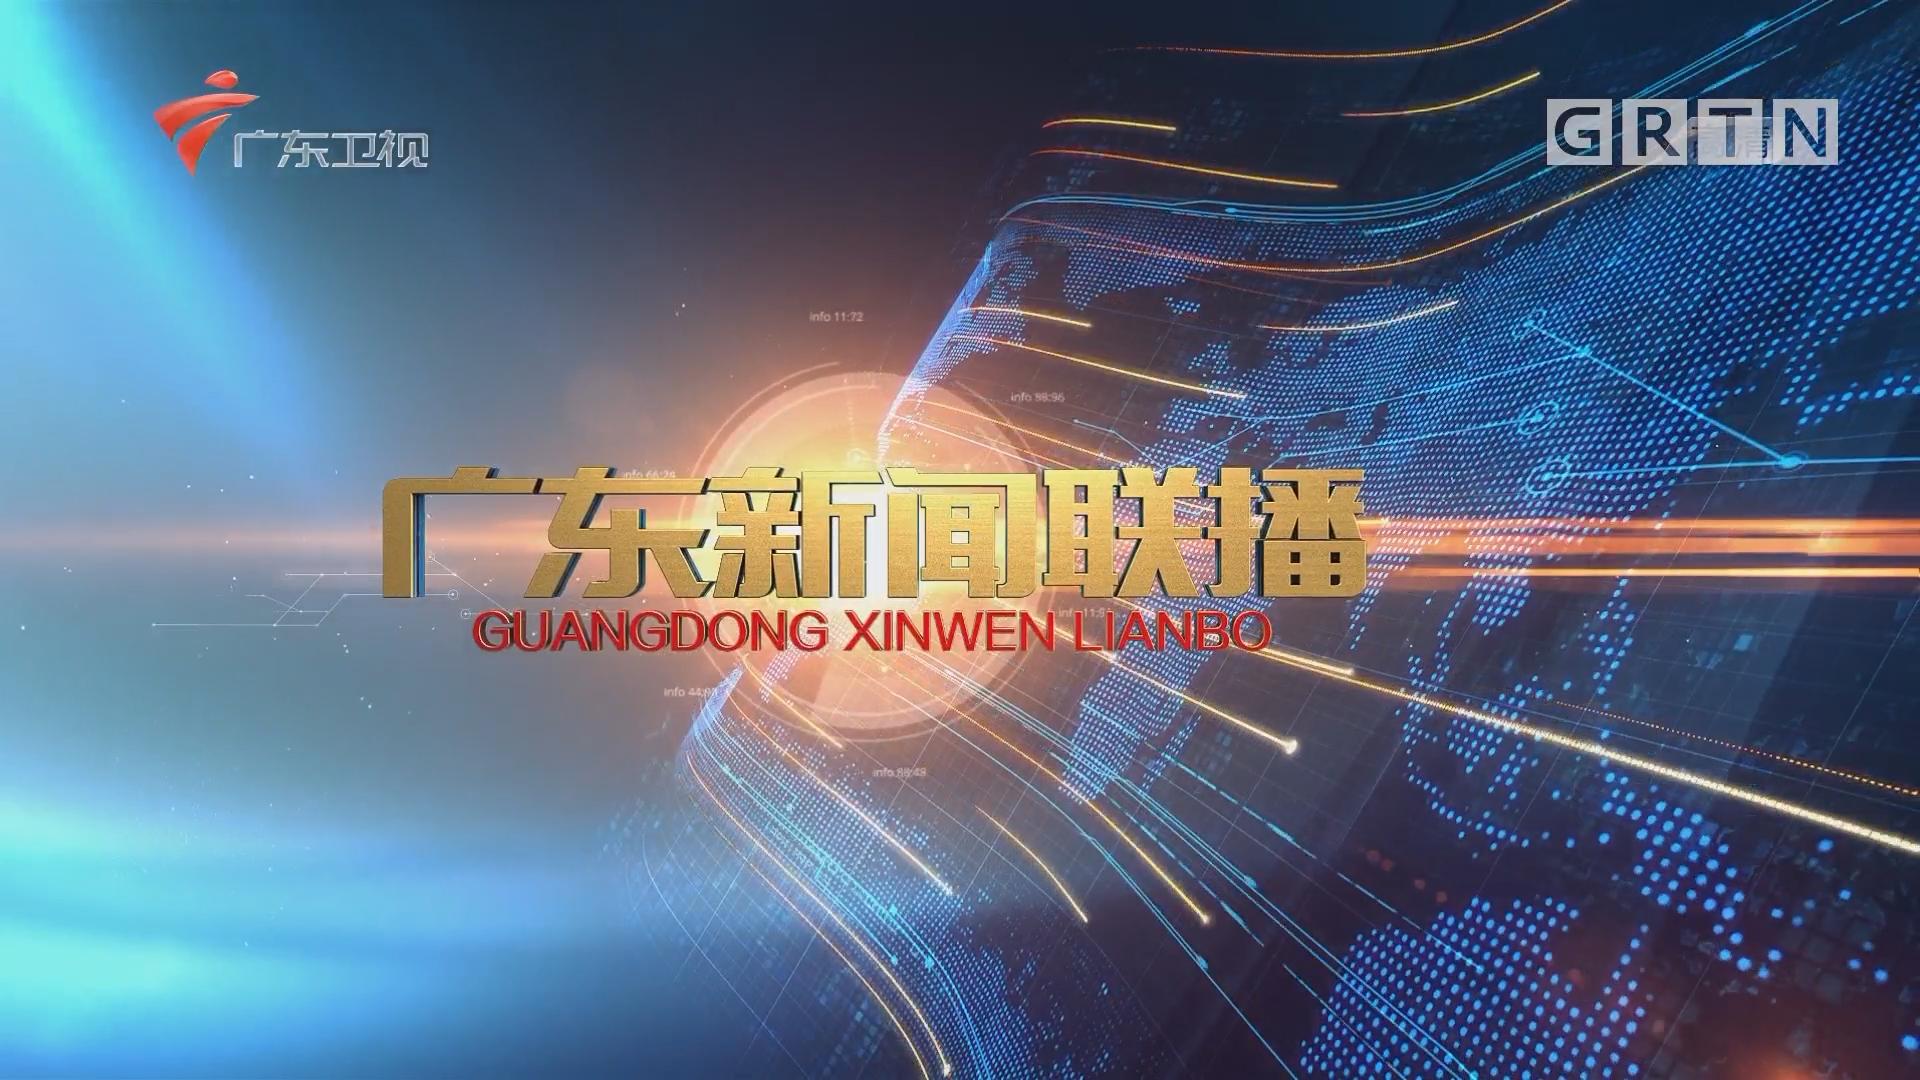 [HD][2018-02-18]广东新闻联播:深圳:公园之城满眼春 生态建设显成效